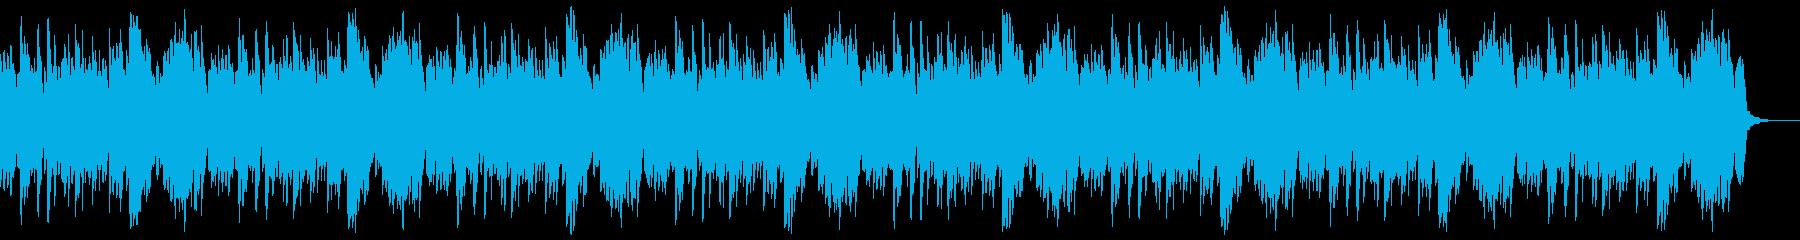 哀愁漂う悲しげなピアノBGMの再生済みの波形